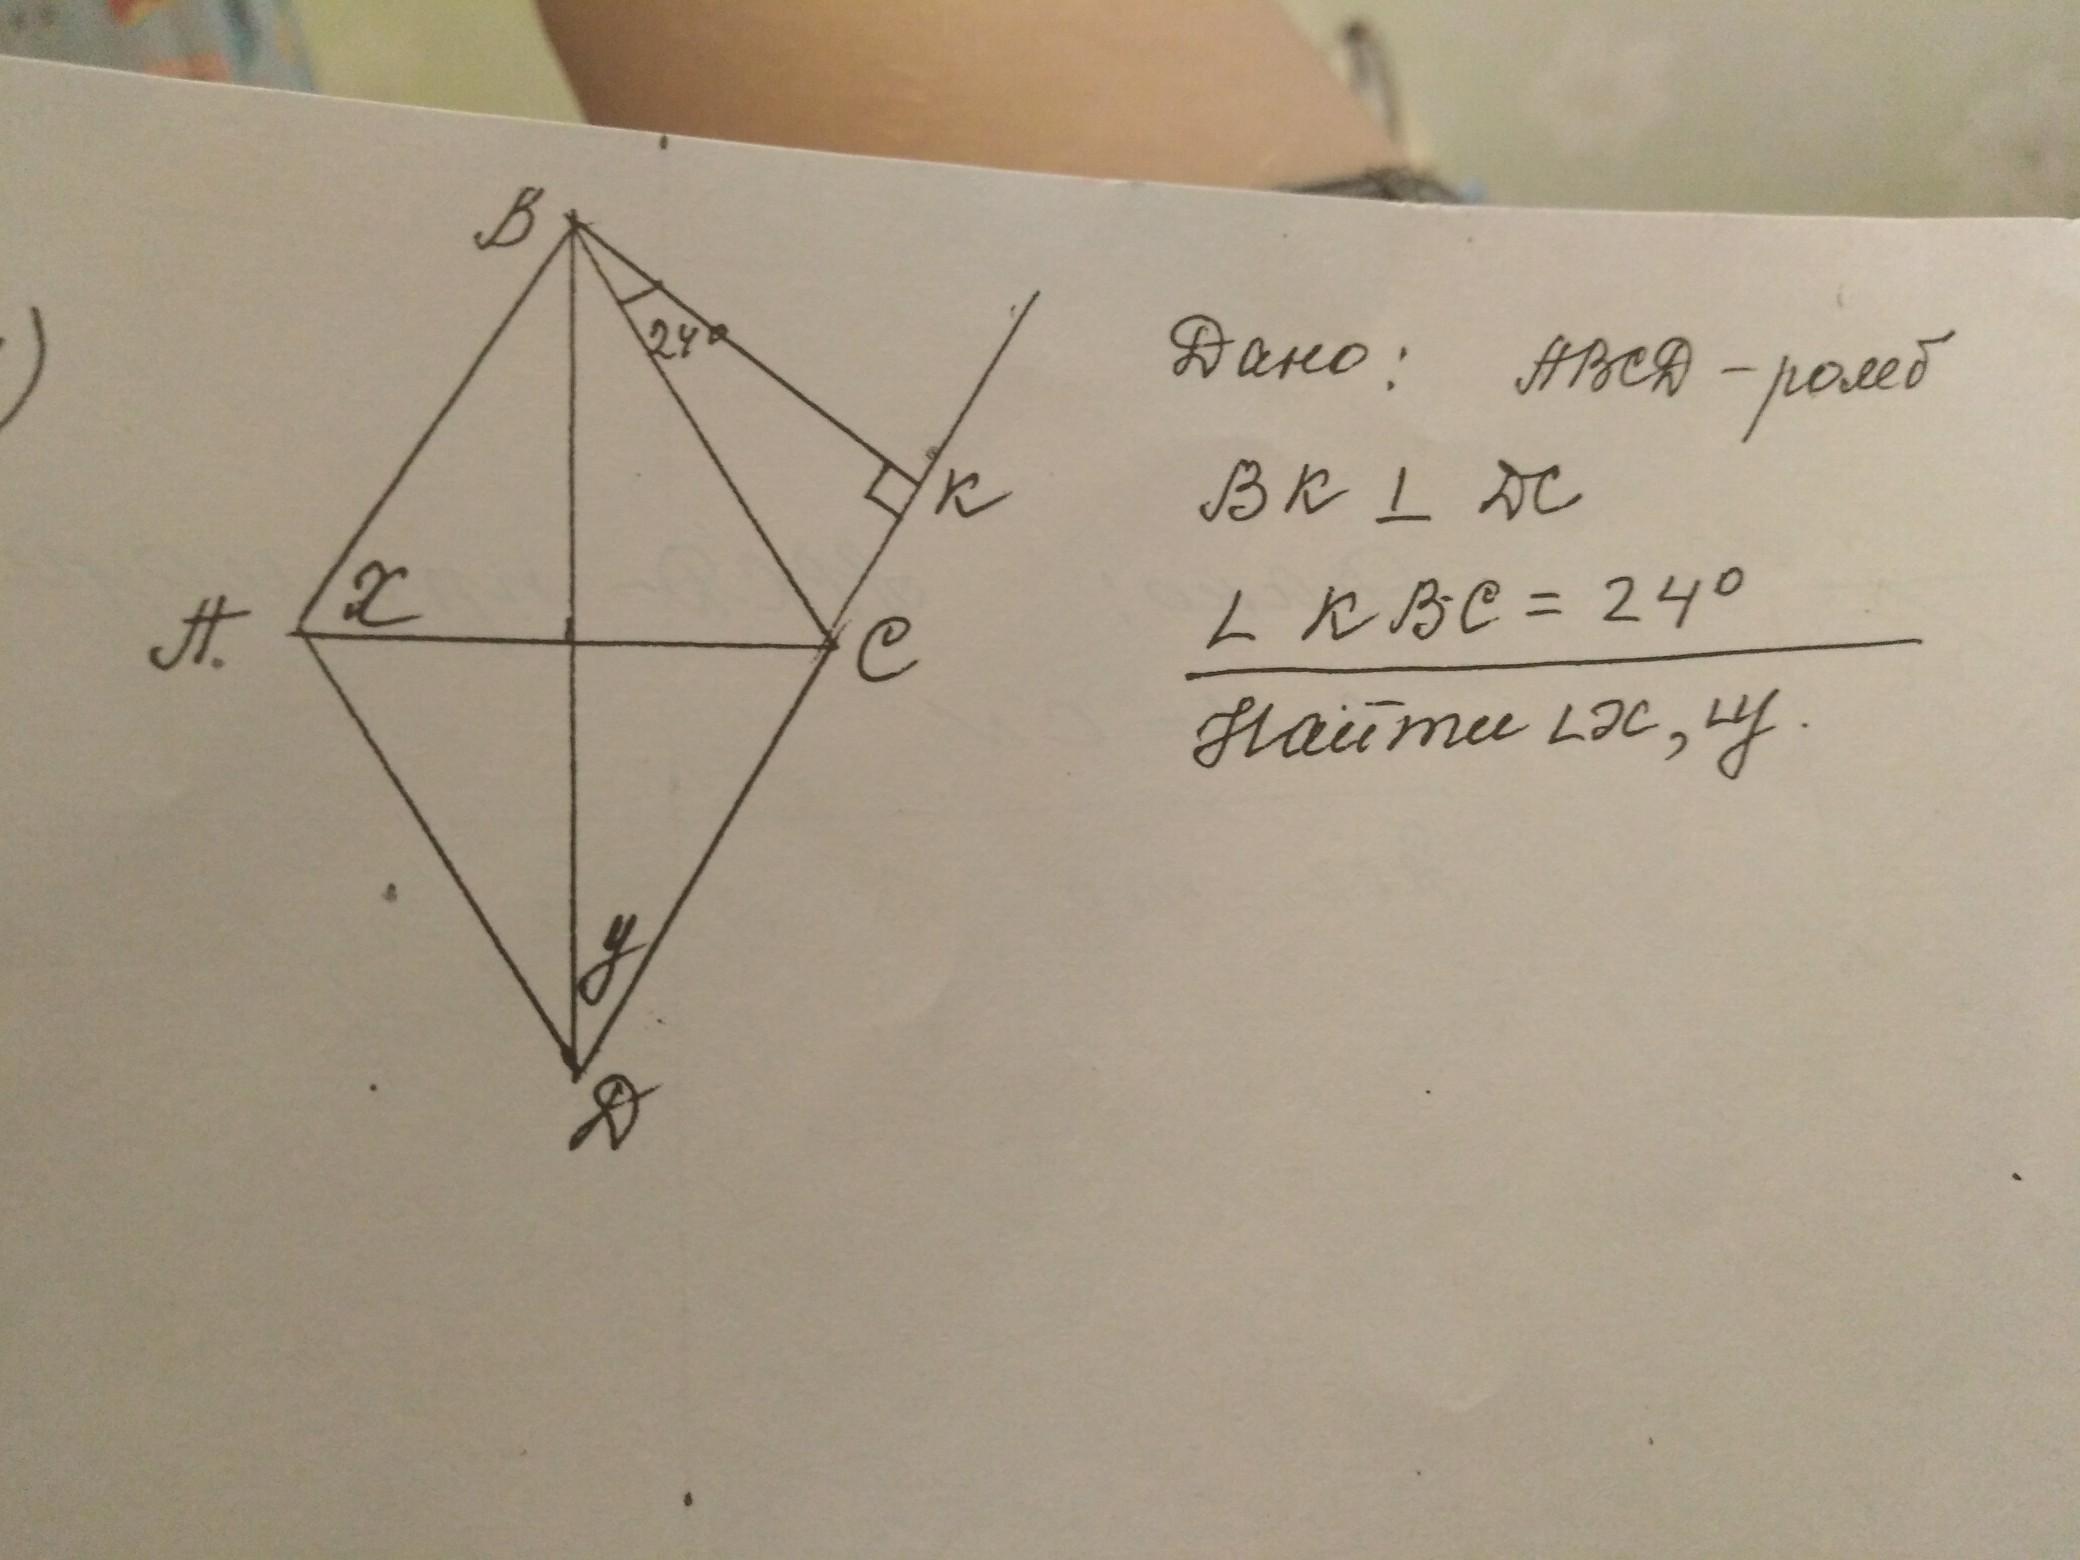 Помогите решить задачу по геометрии класс термех примеры решения задач по статике